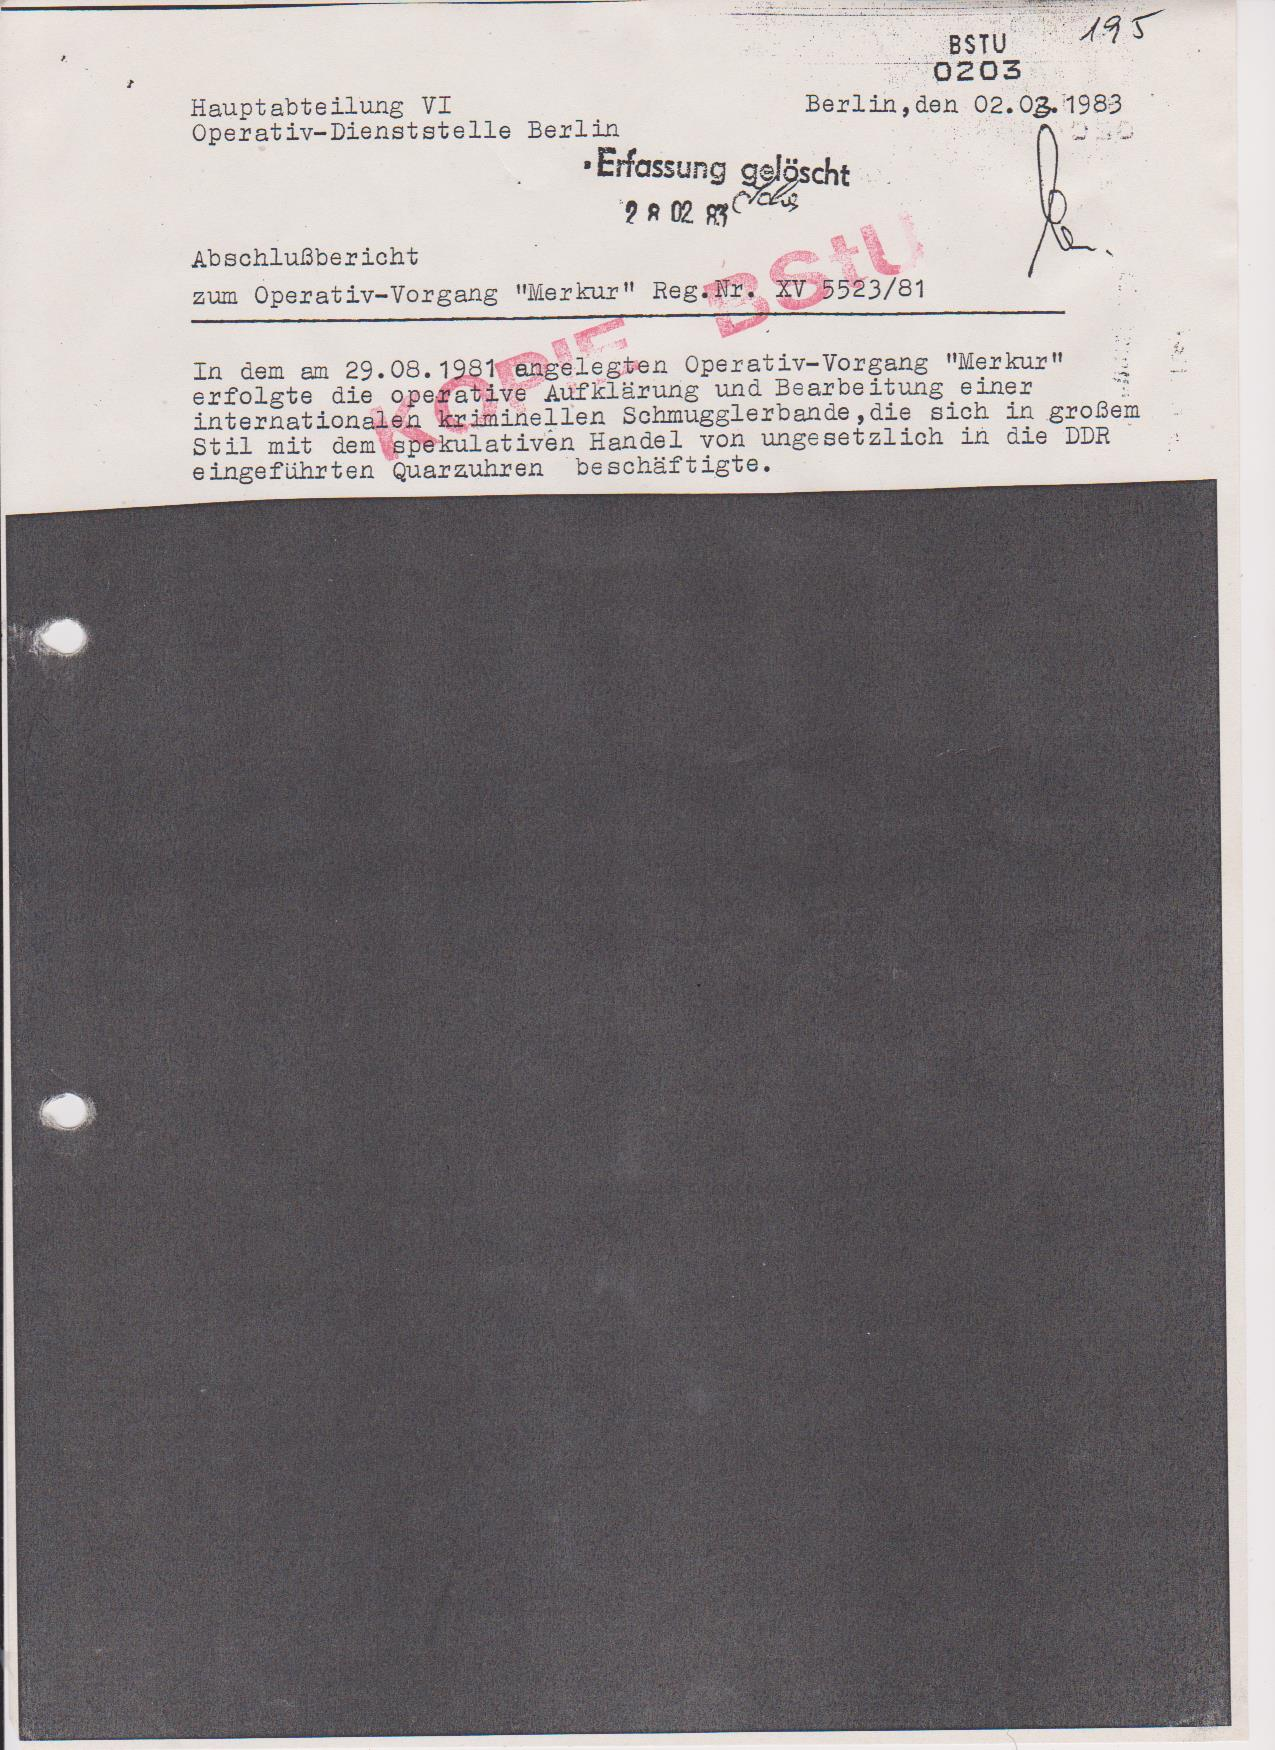 Es gab keine internationale kriminelle Schmugglerbande, zumal das Schmugel an der Grenze WB/DDR als Strafbestand vollführt ist - der nichtgenehmigte ambulante Hamndel im Innland ist dann Wirtschaftssubversion gegen das Aussenhandel der DDR dass durchgehend von Hauptamtlichen Offizieren des MfS getätigt wurde.